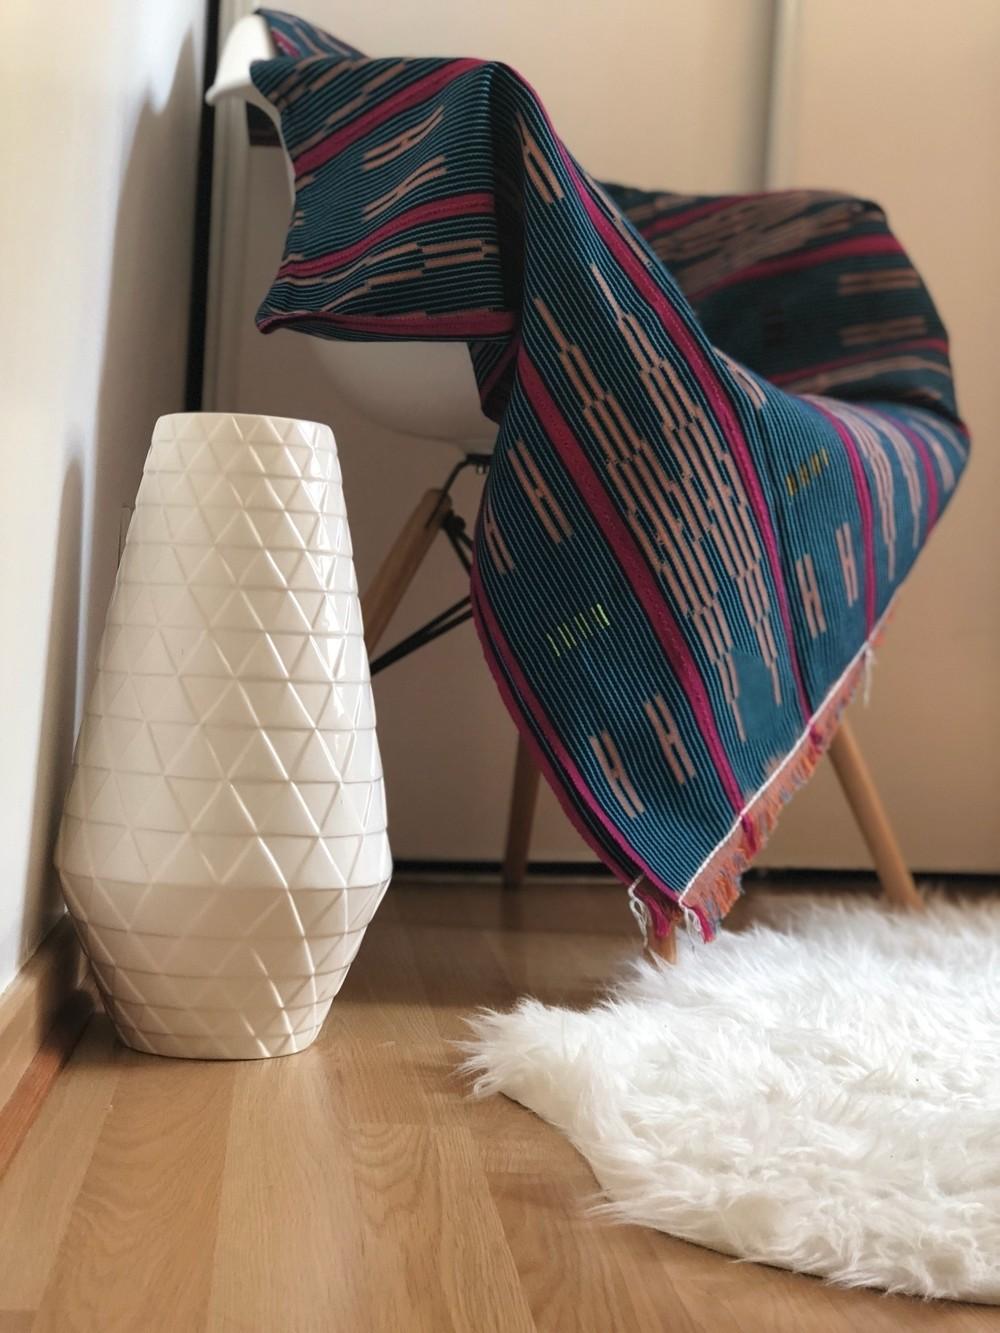 Housse De Canape Pour Mobil Home colorful baoulé loincloth